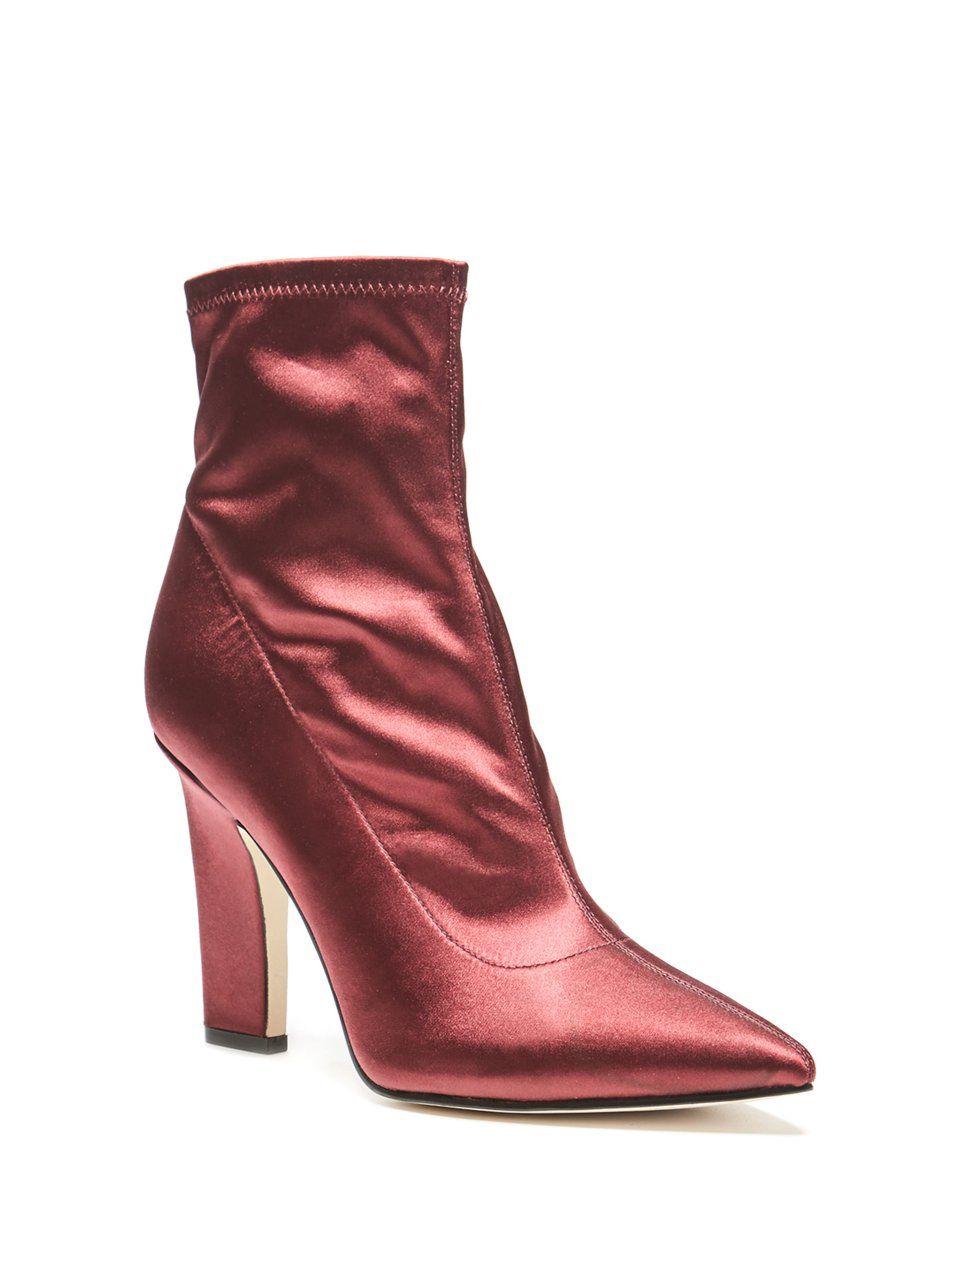 c022c72cfda Item GUESS Women's Aspire Satin Booties | Boots n Booties | Shoes ...